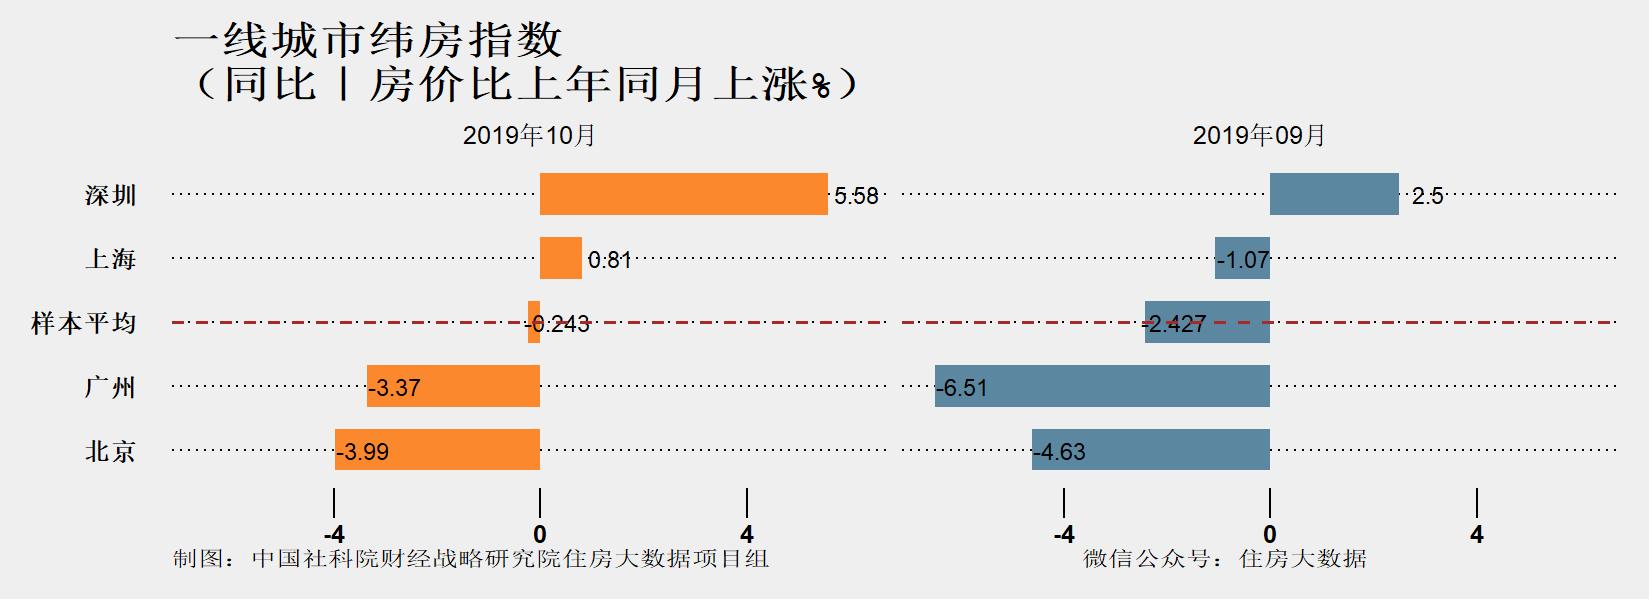 社科院:2019年一线城市房价反弹力度较弱-中国网地产